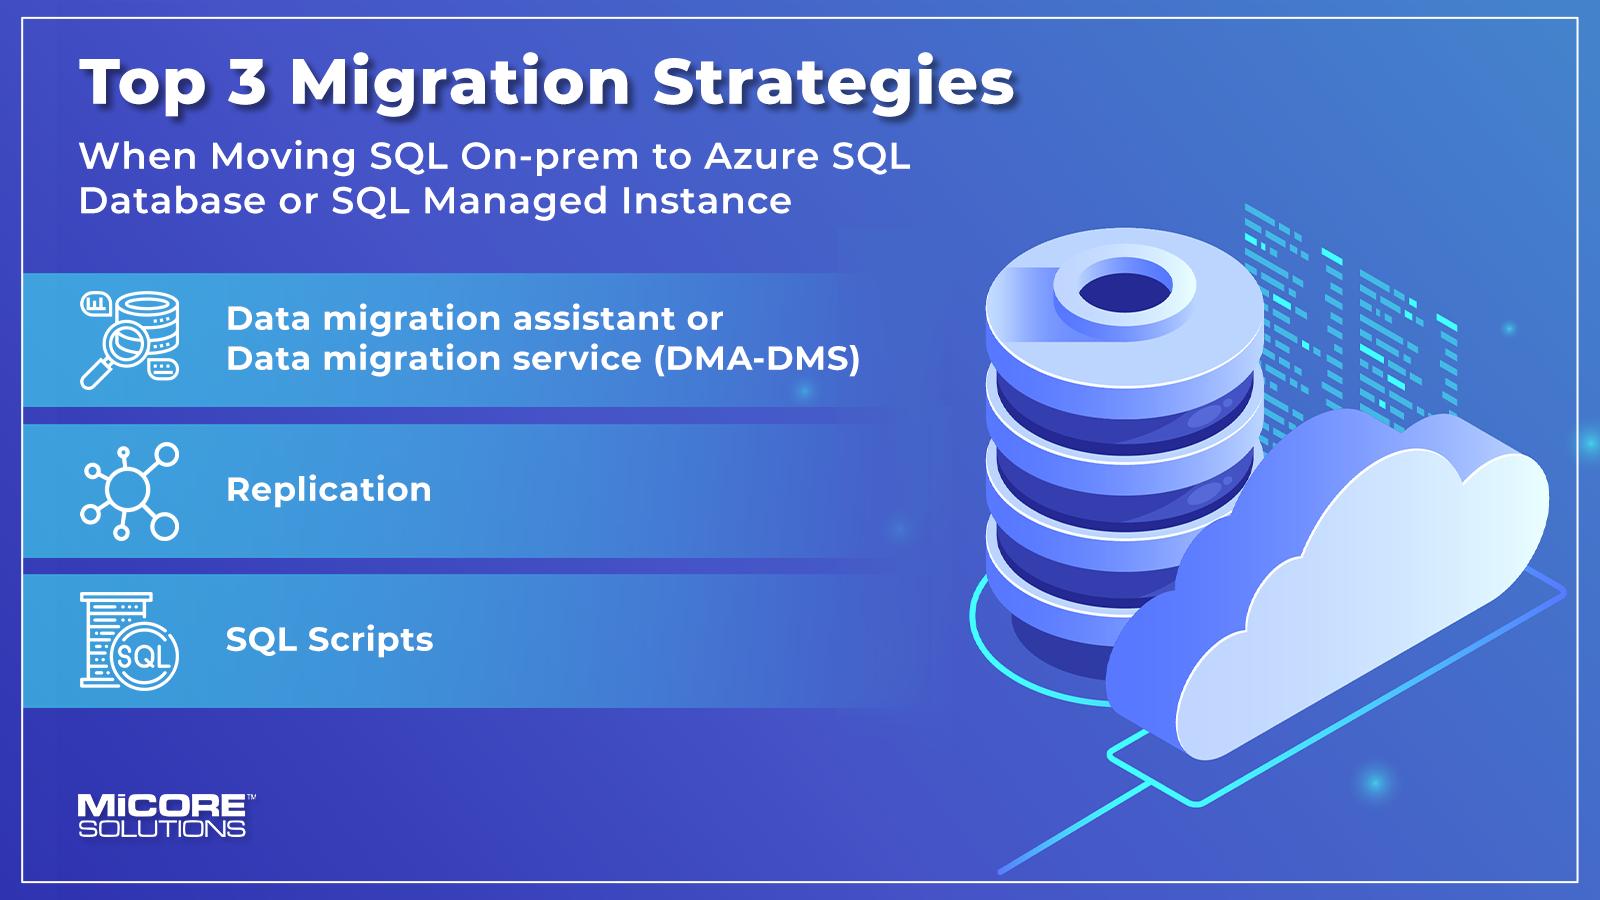 Top 3 Migration Strategies When Moving SQL On-prem to Azure SQL Database or SQL Managed Instance